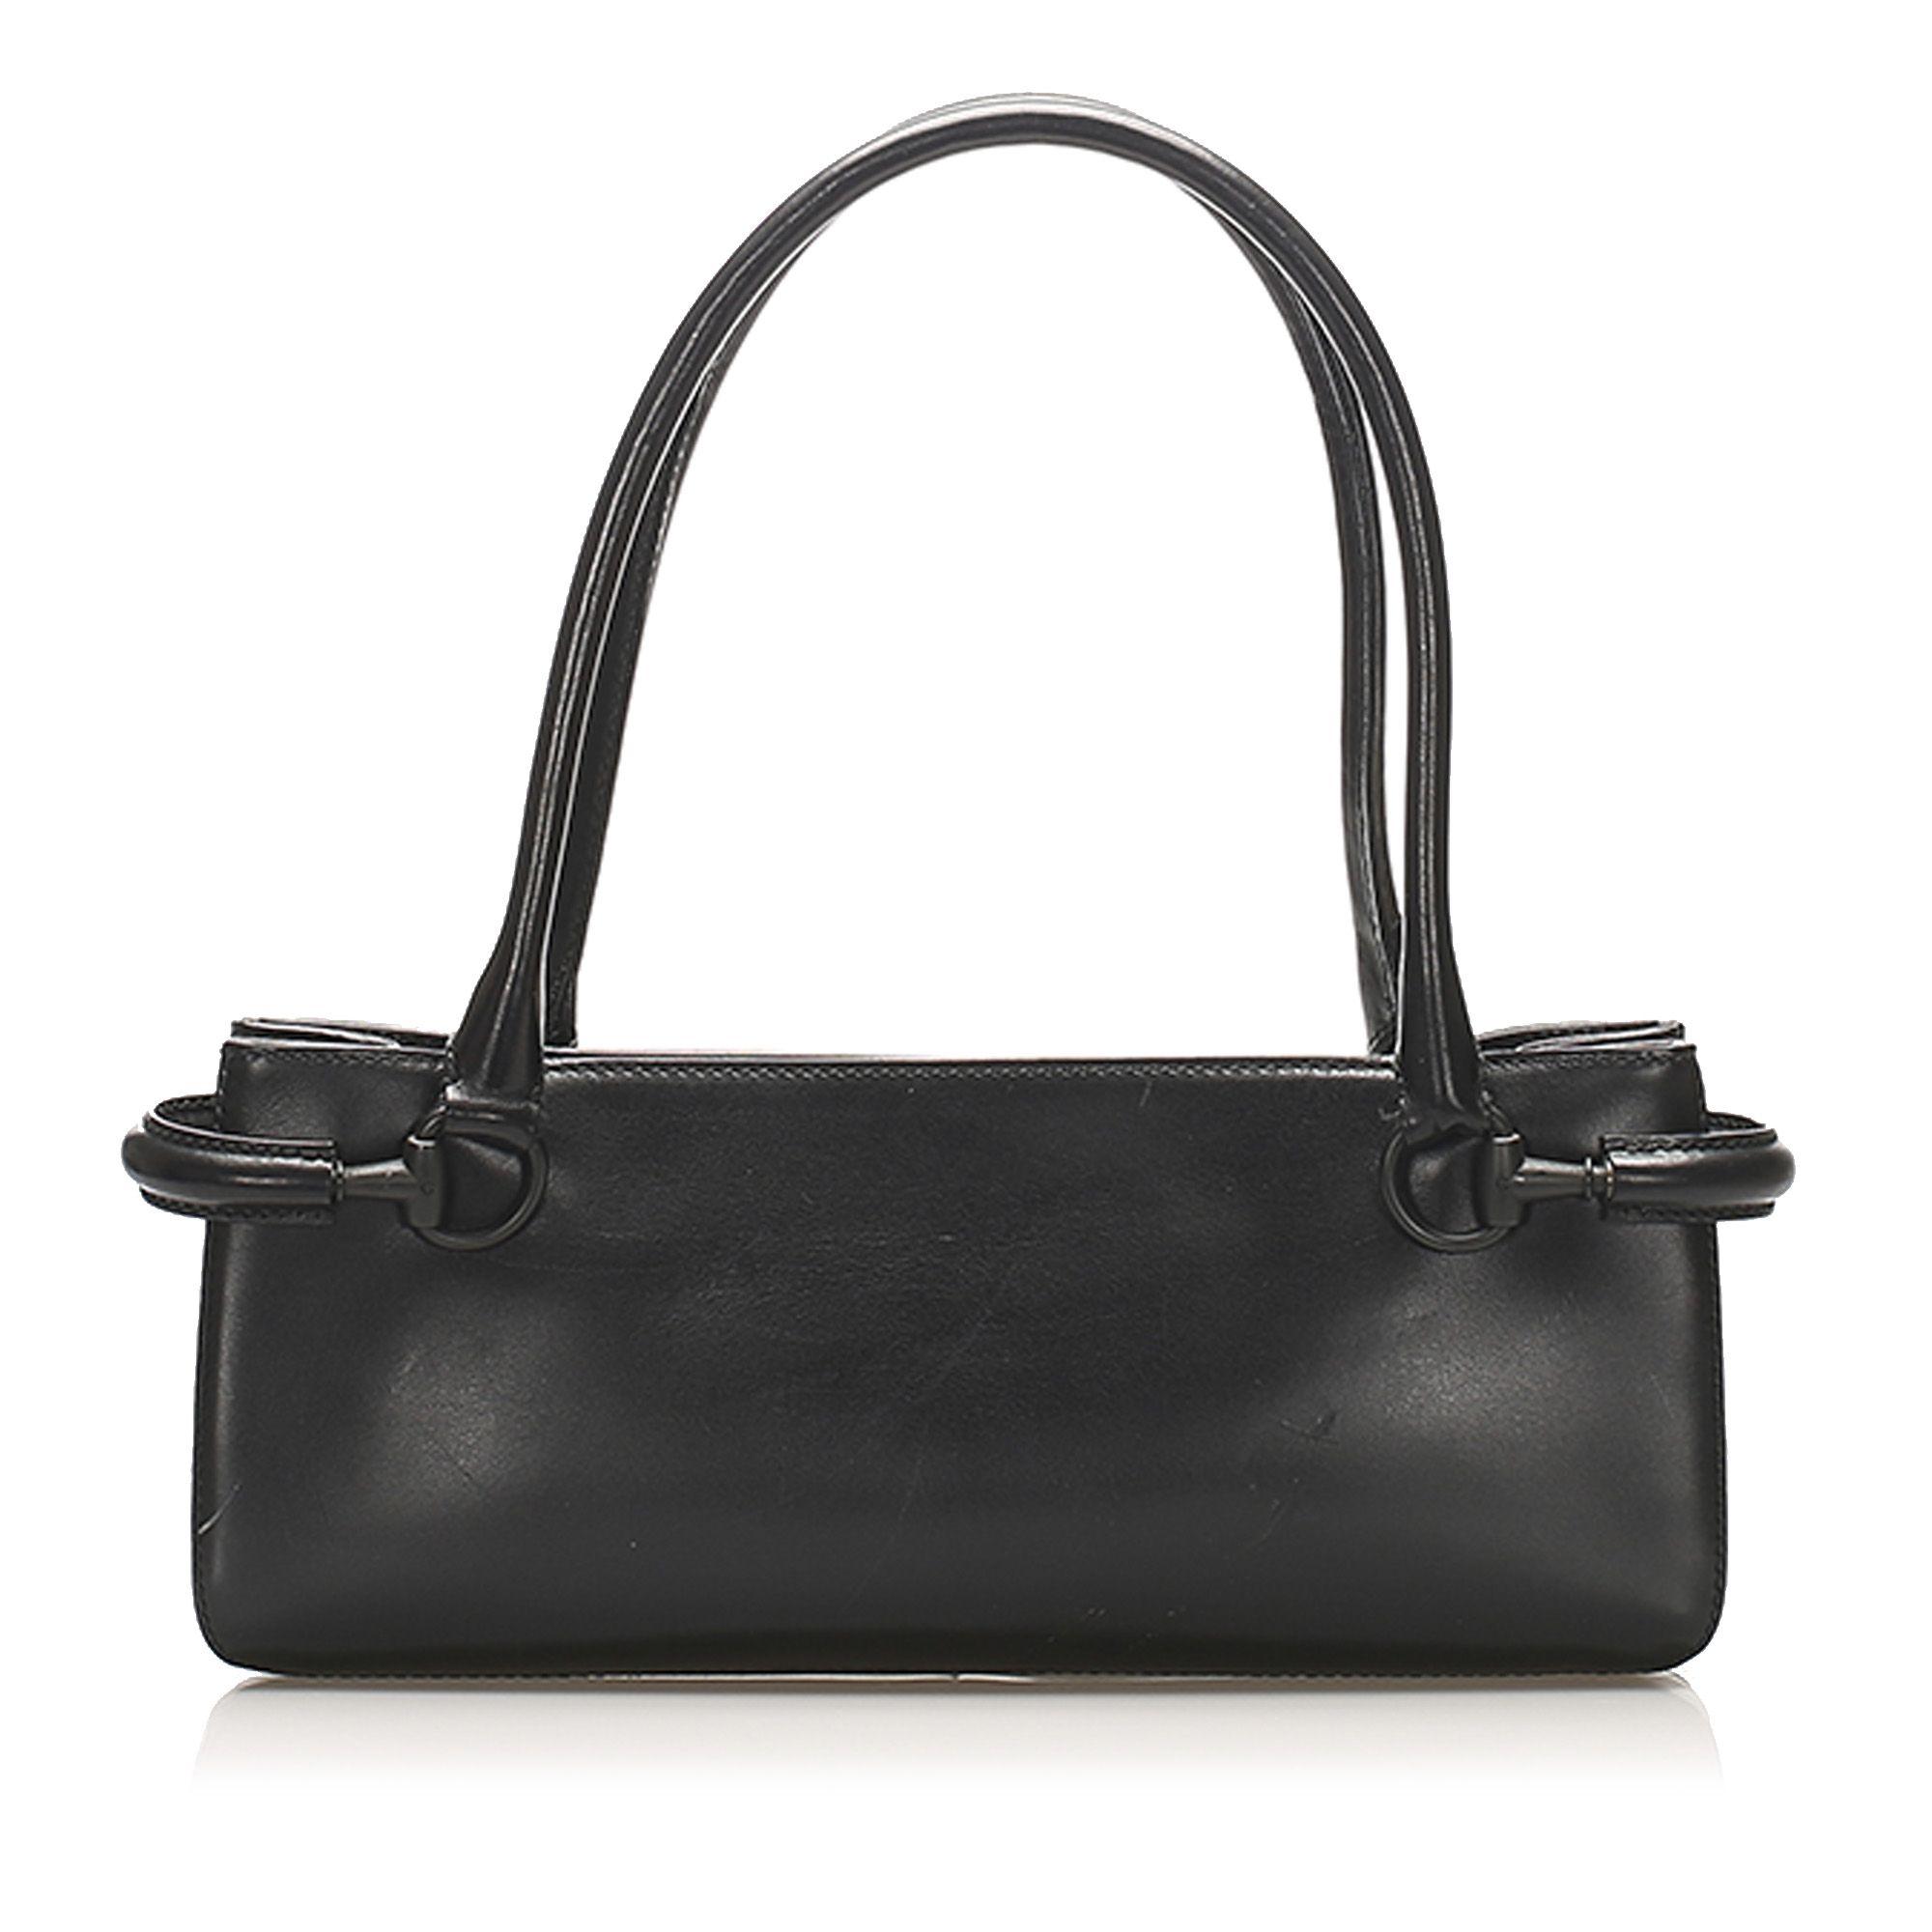 Vintage Gucci Horsebit Leather Shoulder Bag Black